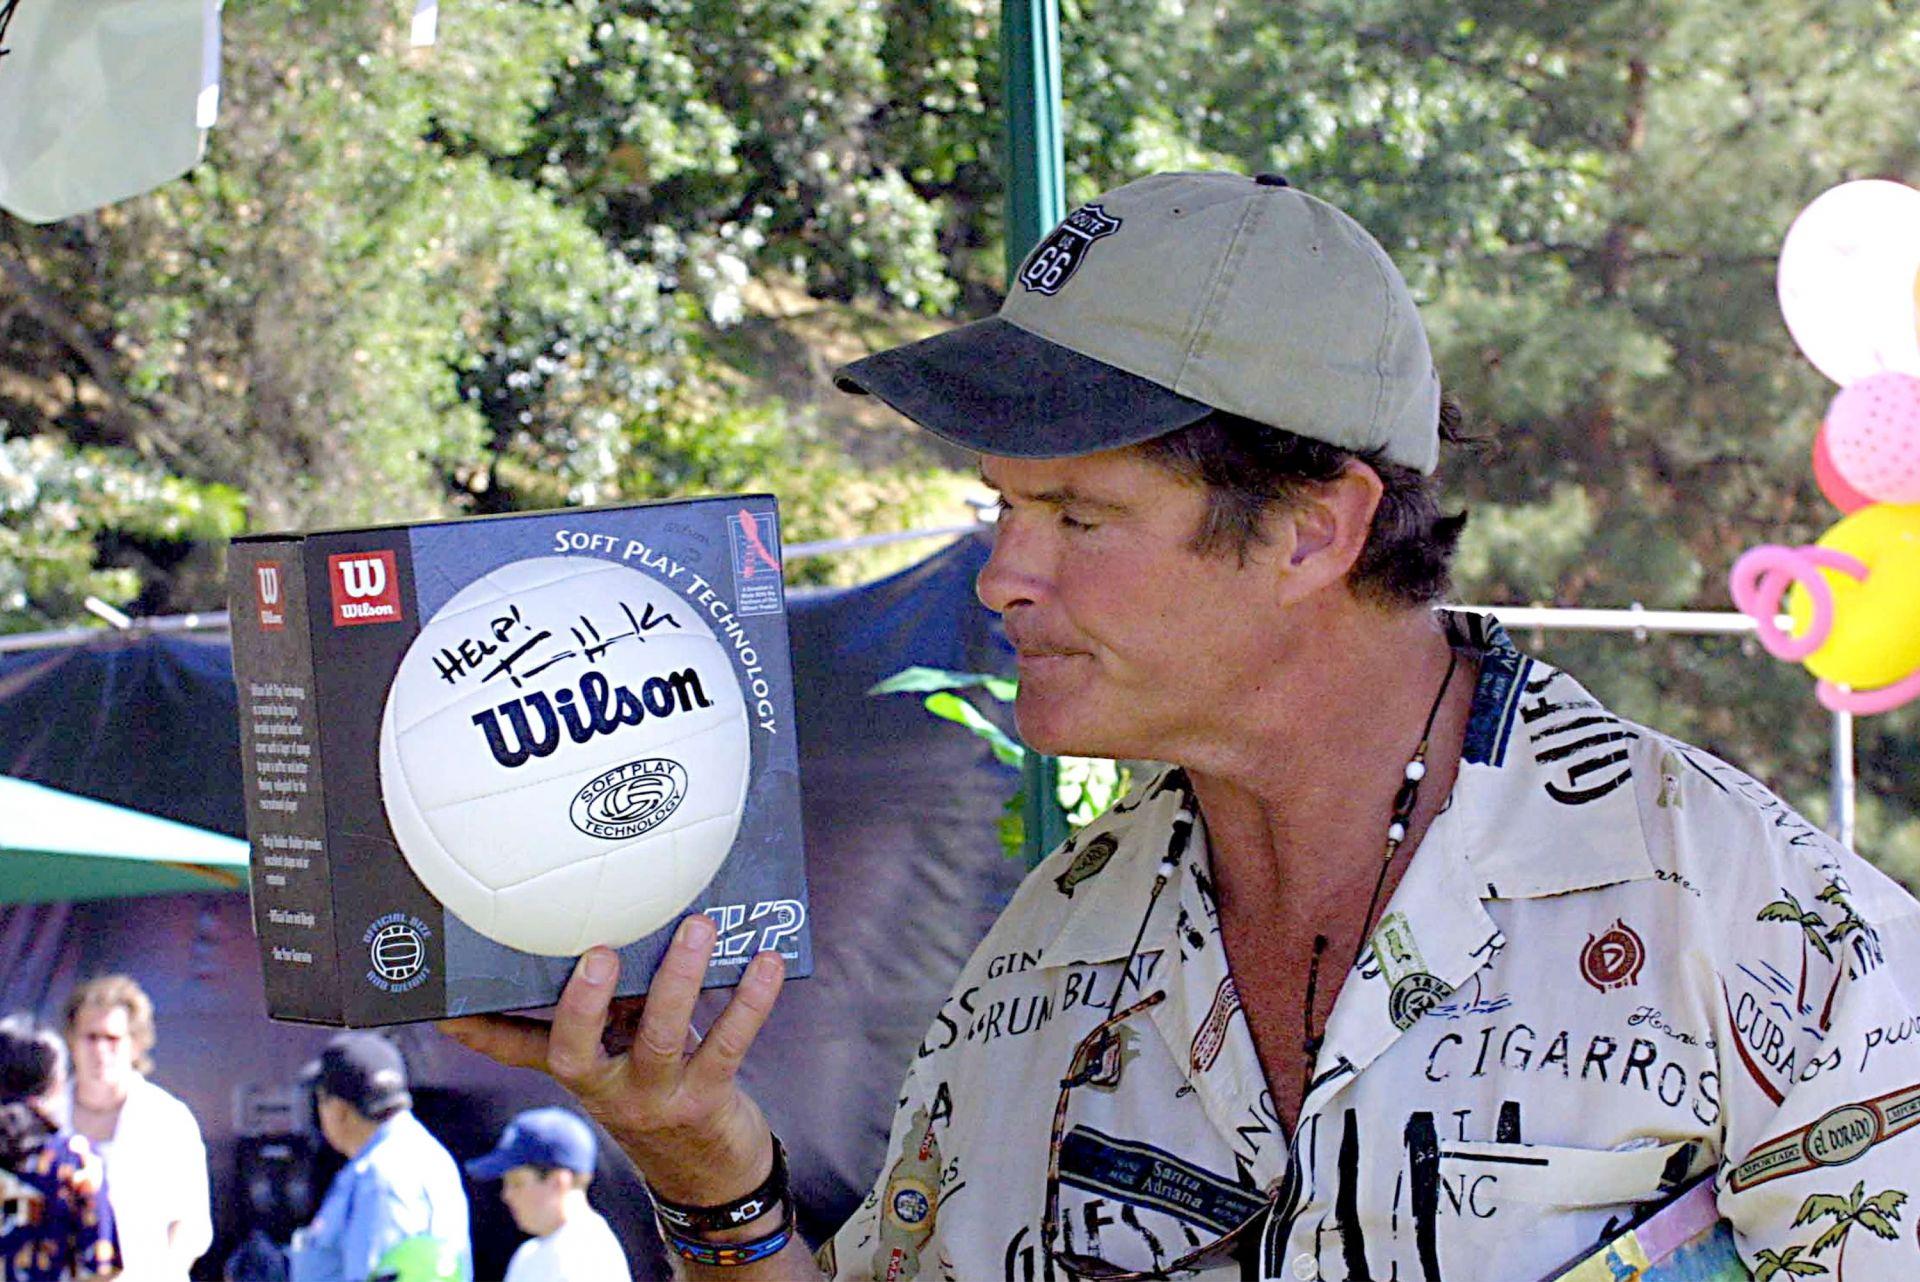 Актьорът Дейвид Хаселхоф с волейболна топка Wilson, подписана от Том Ханкс на търг през 2001 г. в Калифорния